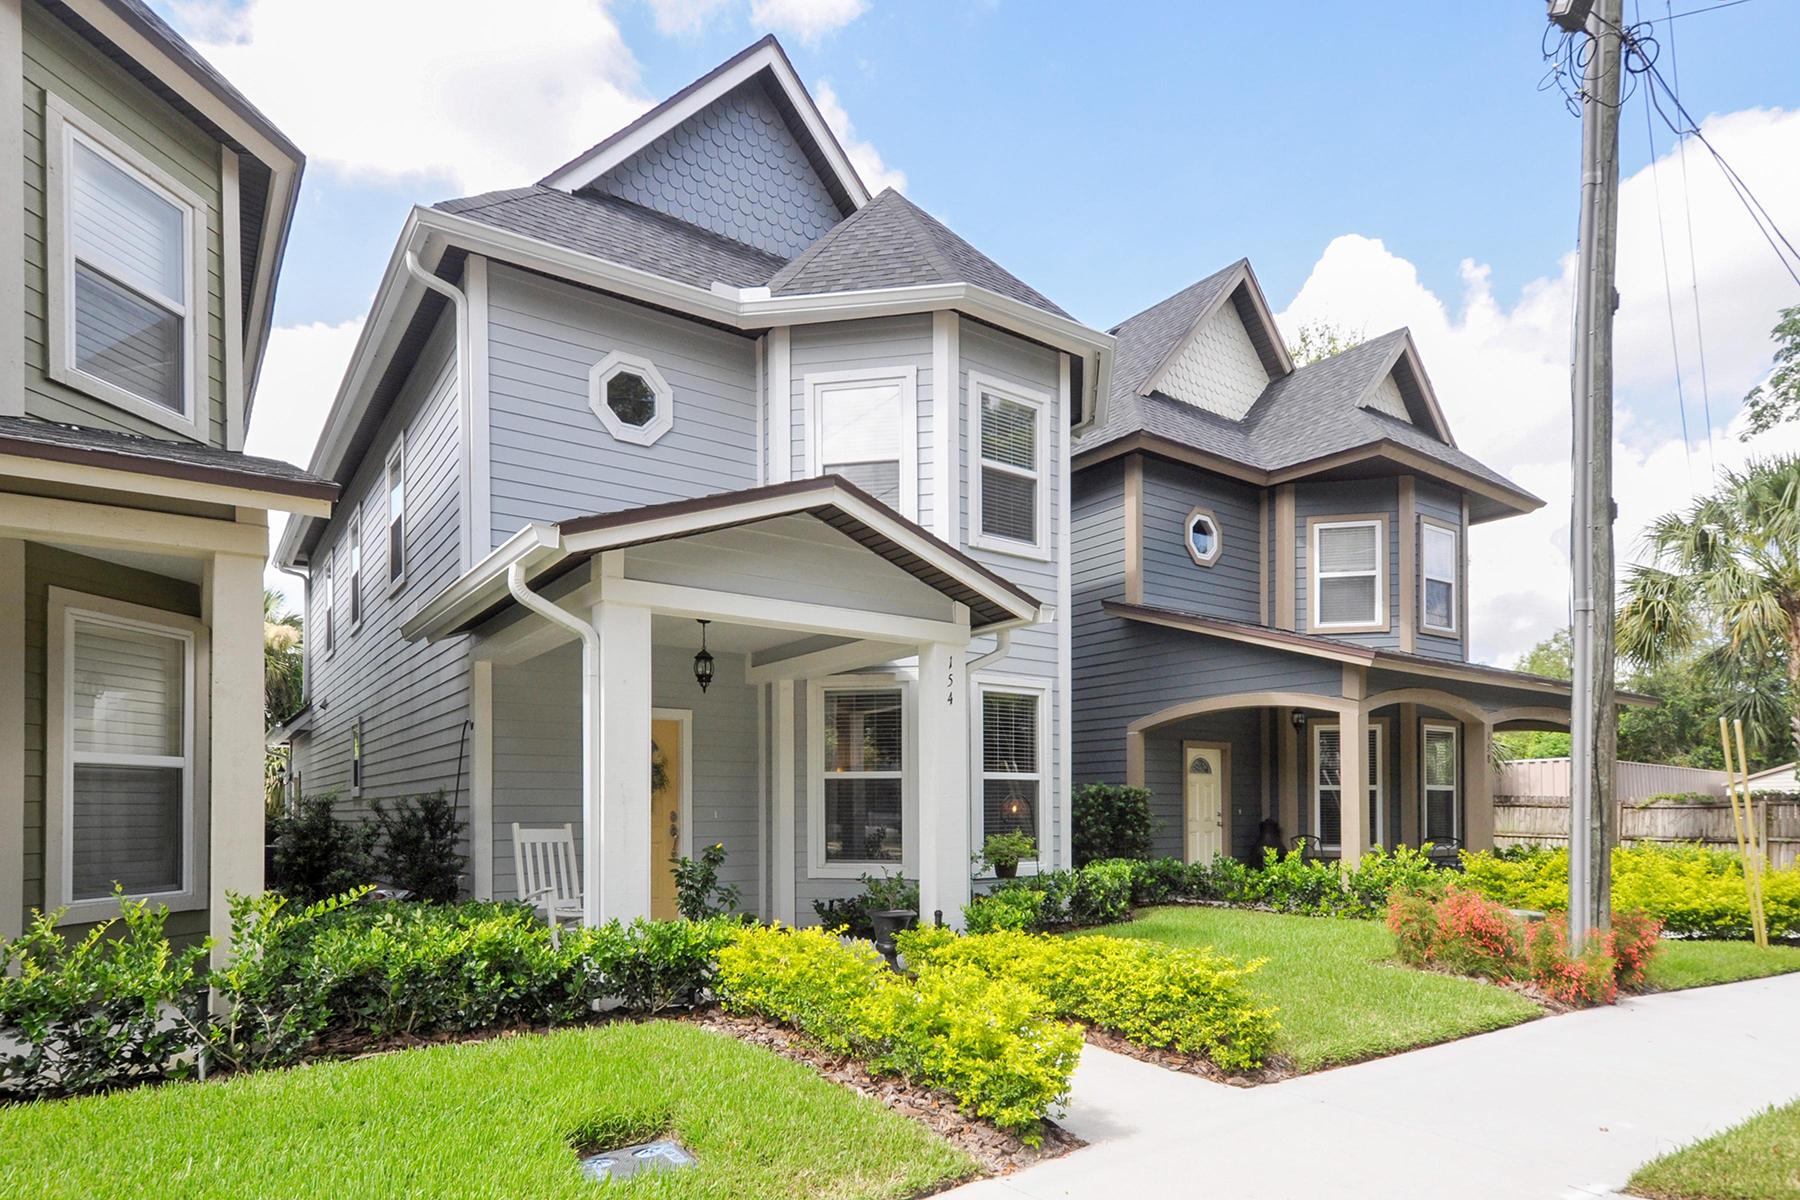 Vivienda unifamiliar por un Venta en ORLANDO - LONGWOOD 154 W Pine Ave Longwood, Florida, 32750 Estados Unidos